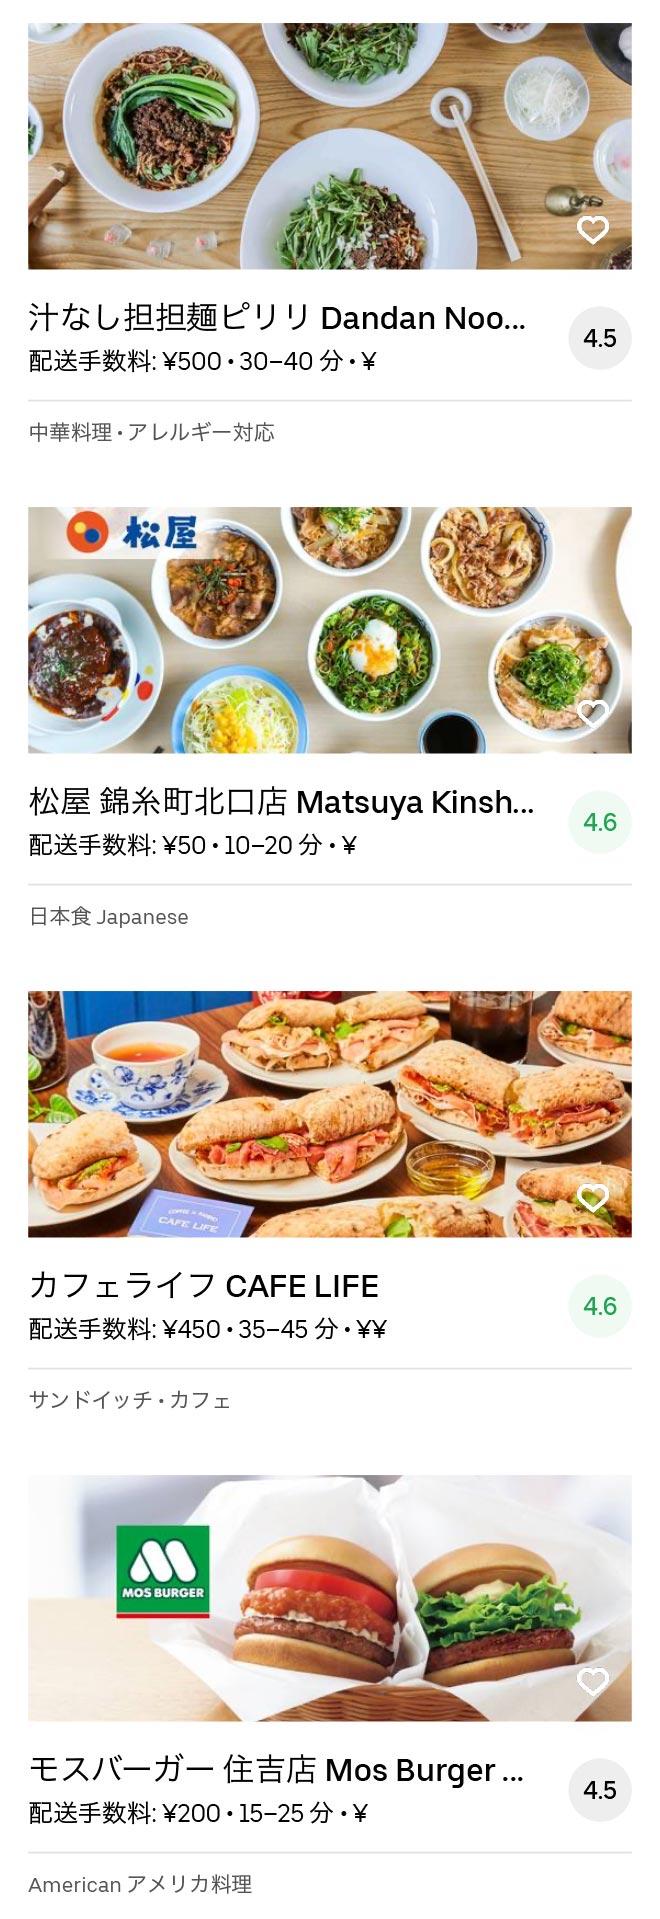 Tokyo kinshicho menu 2005 06